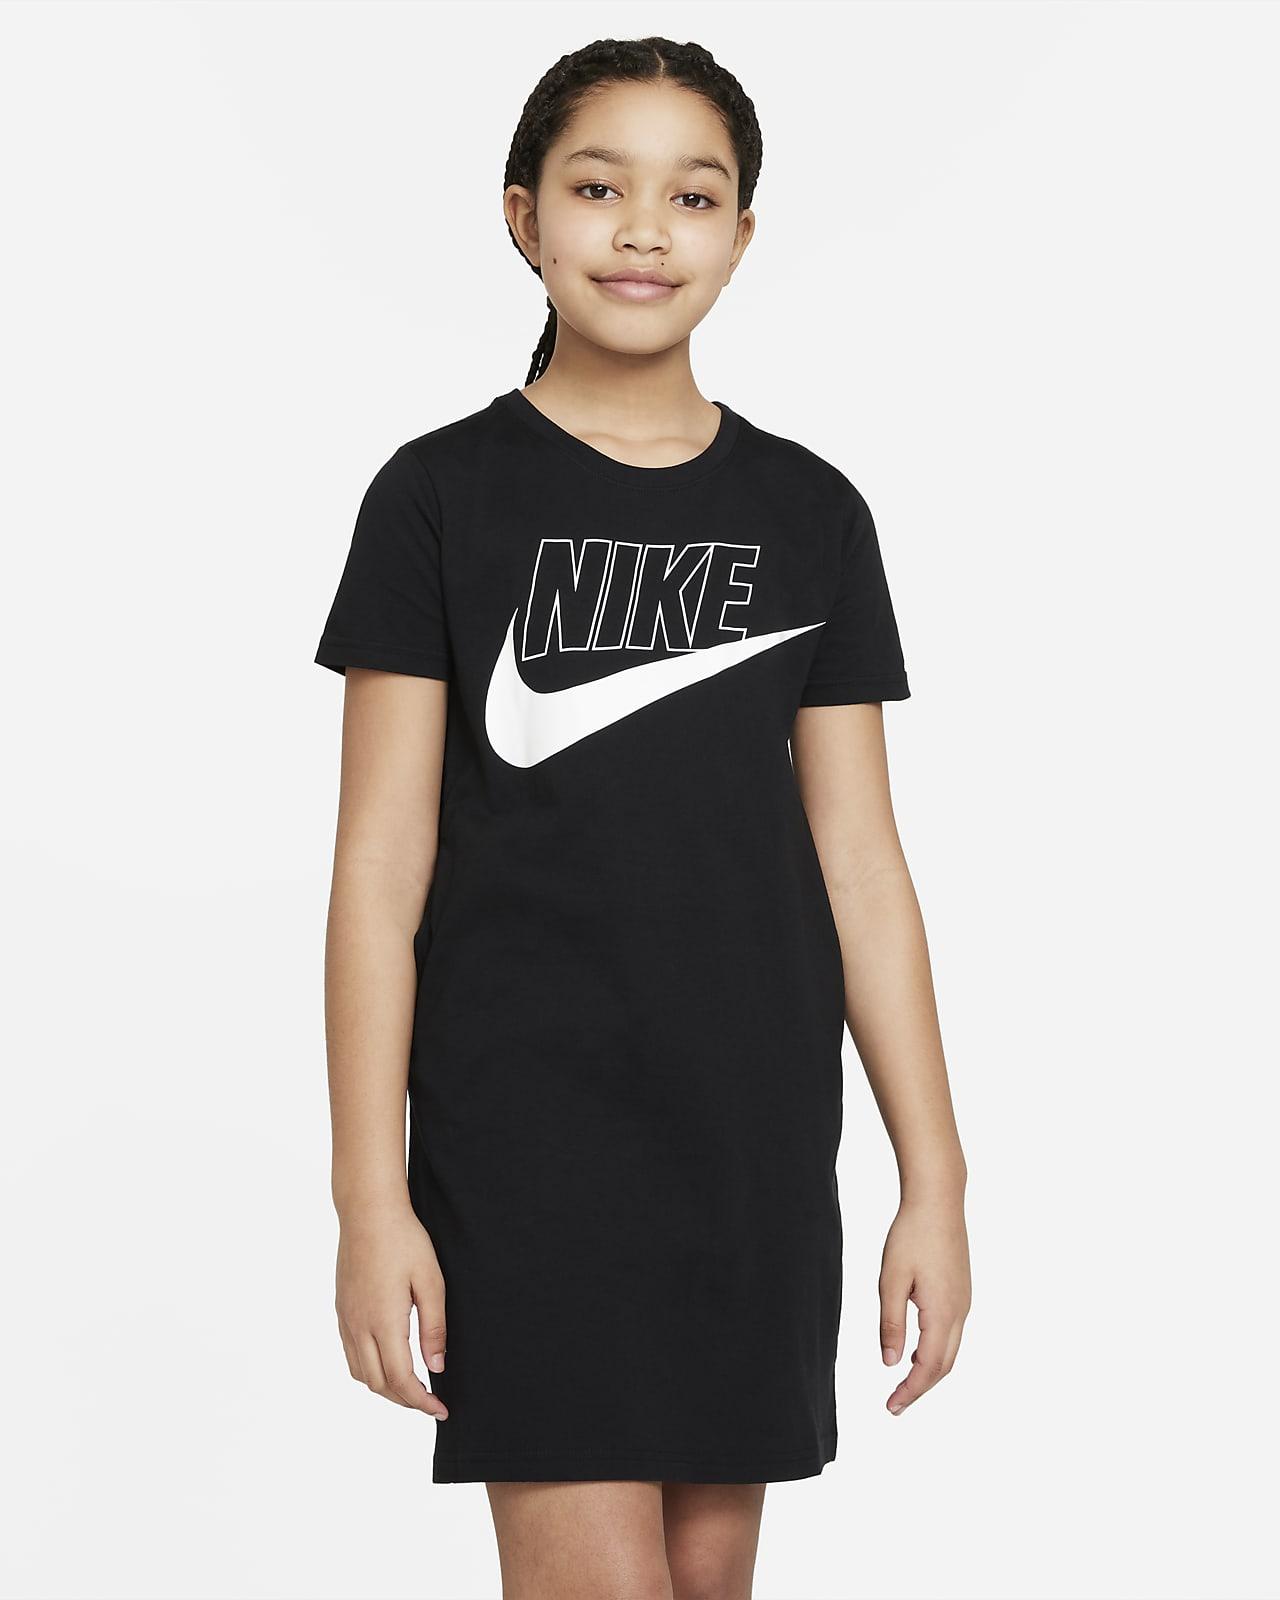 Nike Sportswear T Shirt Kleid für ältere Kinder Mädchen